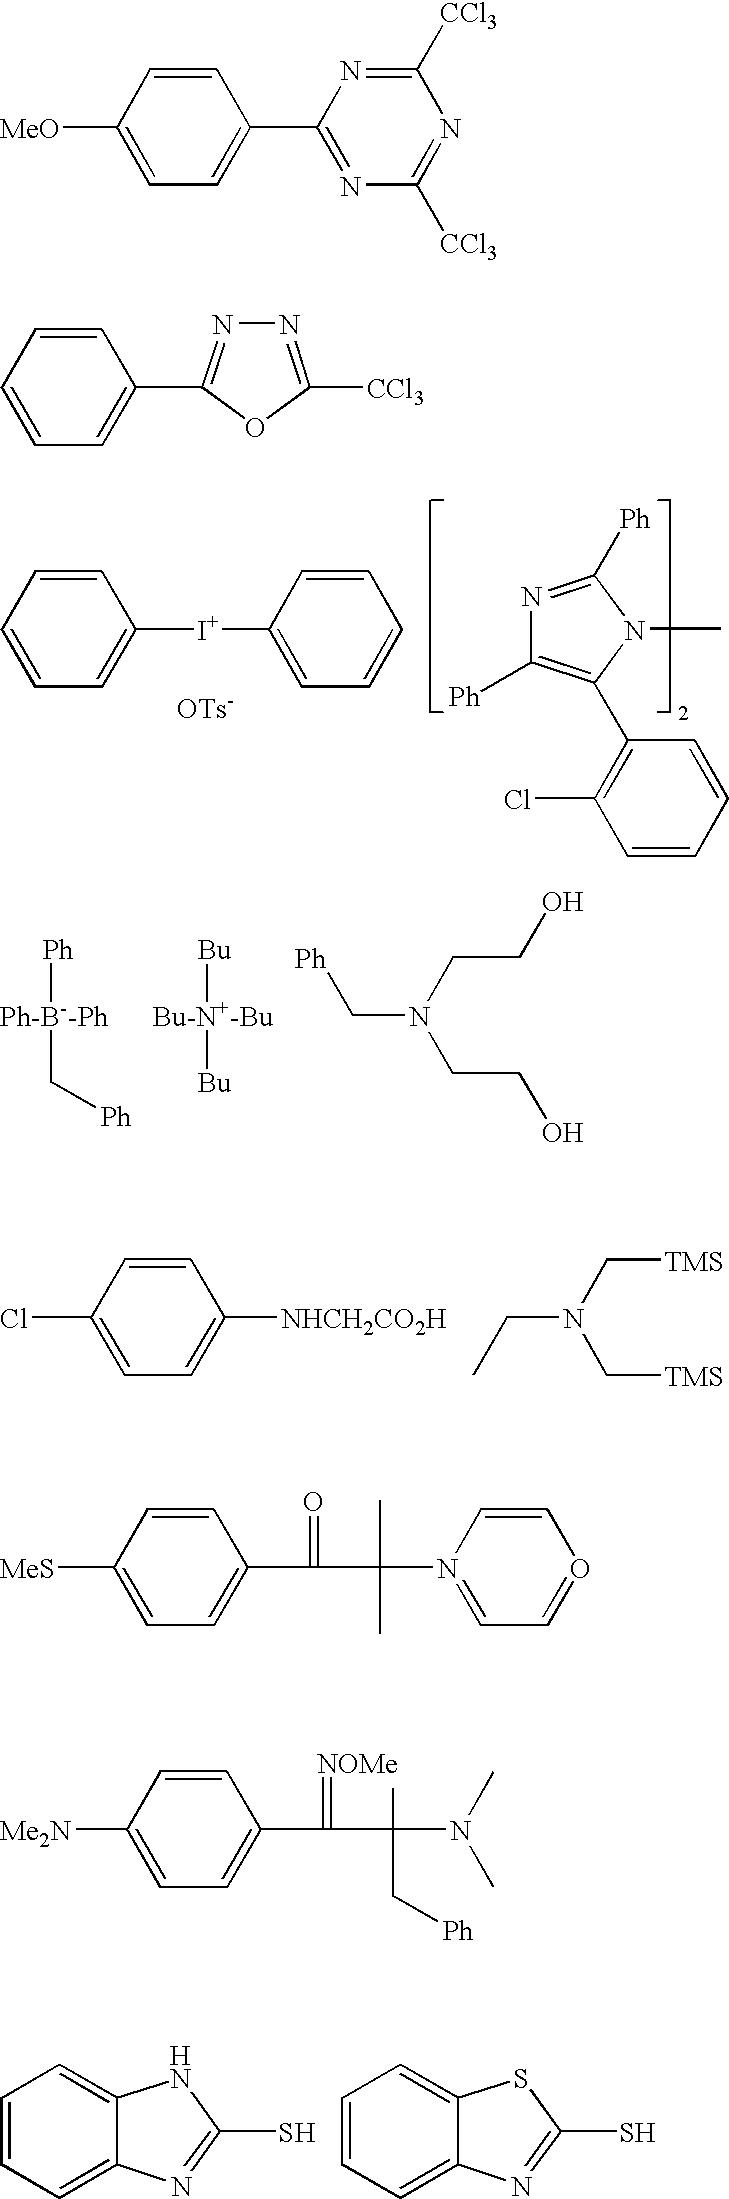 Figure US20090246653A1-20091001-C00180